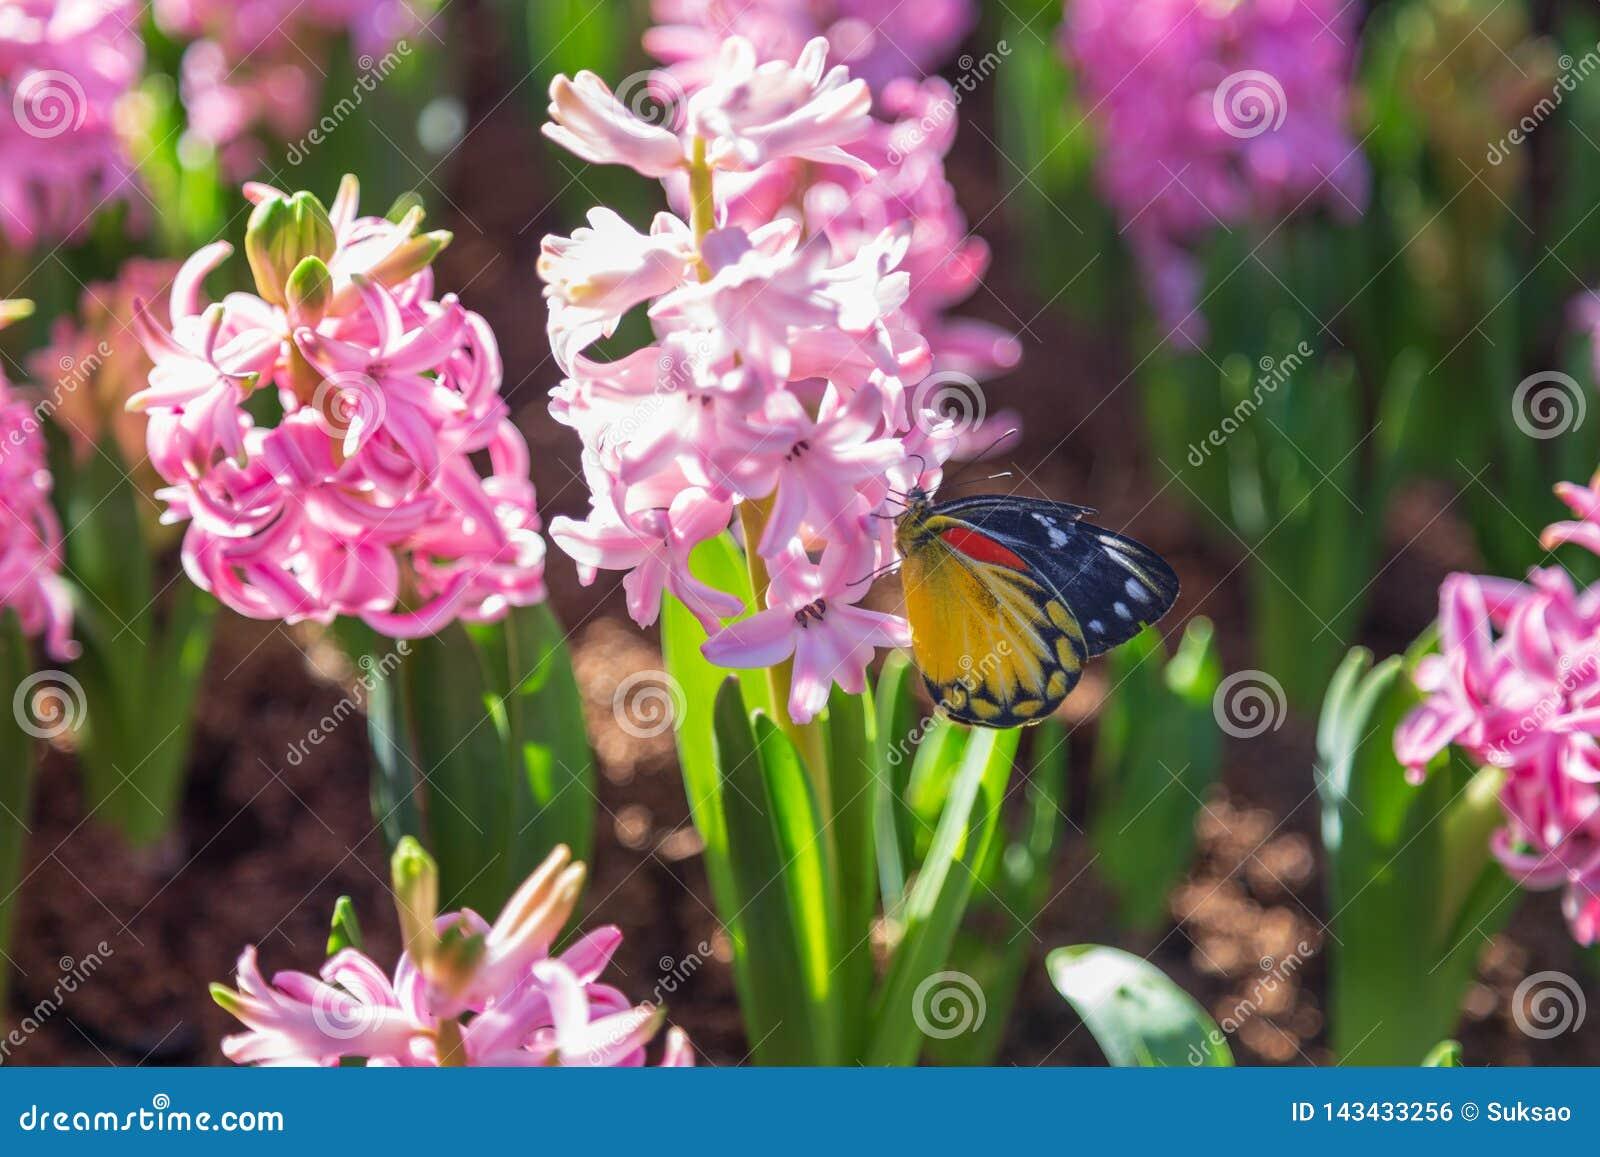 Hyacinth, Butterfly, Garden, Nature, Flower, Pink